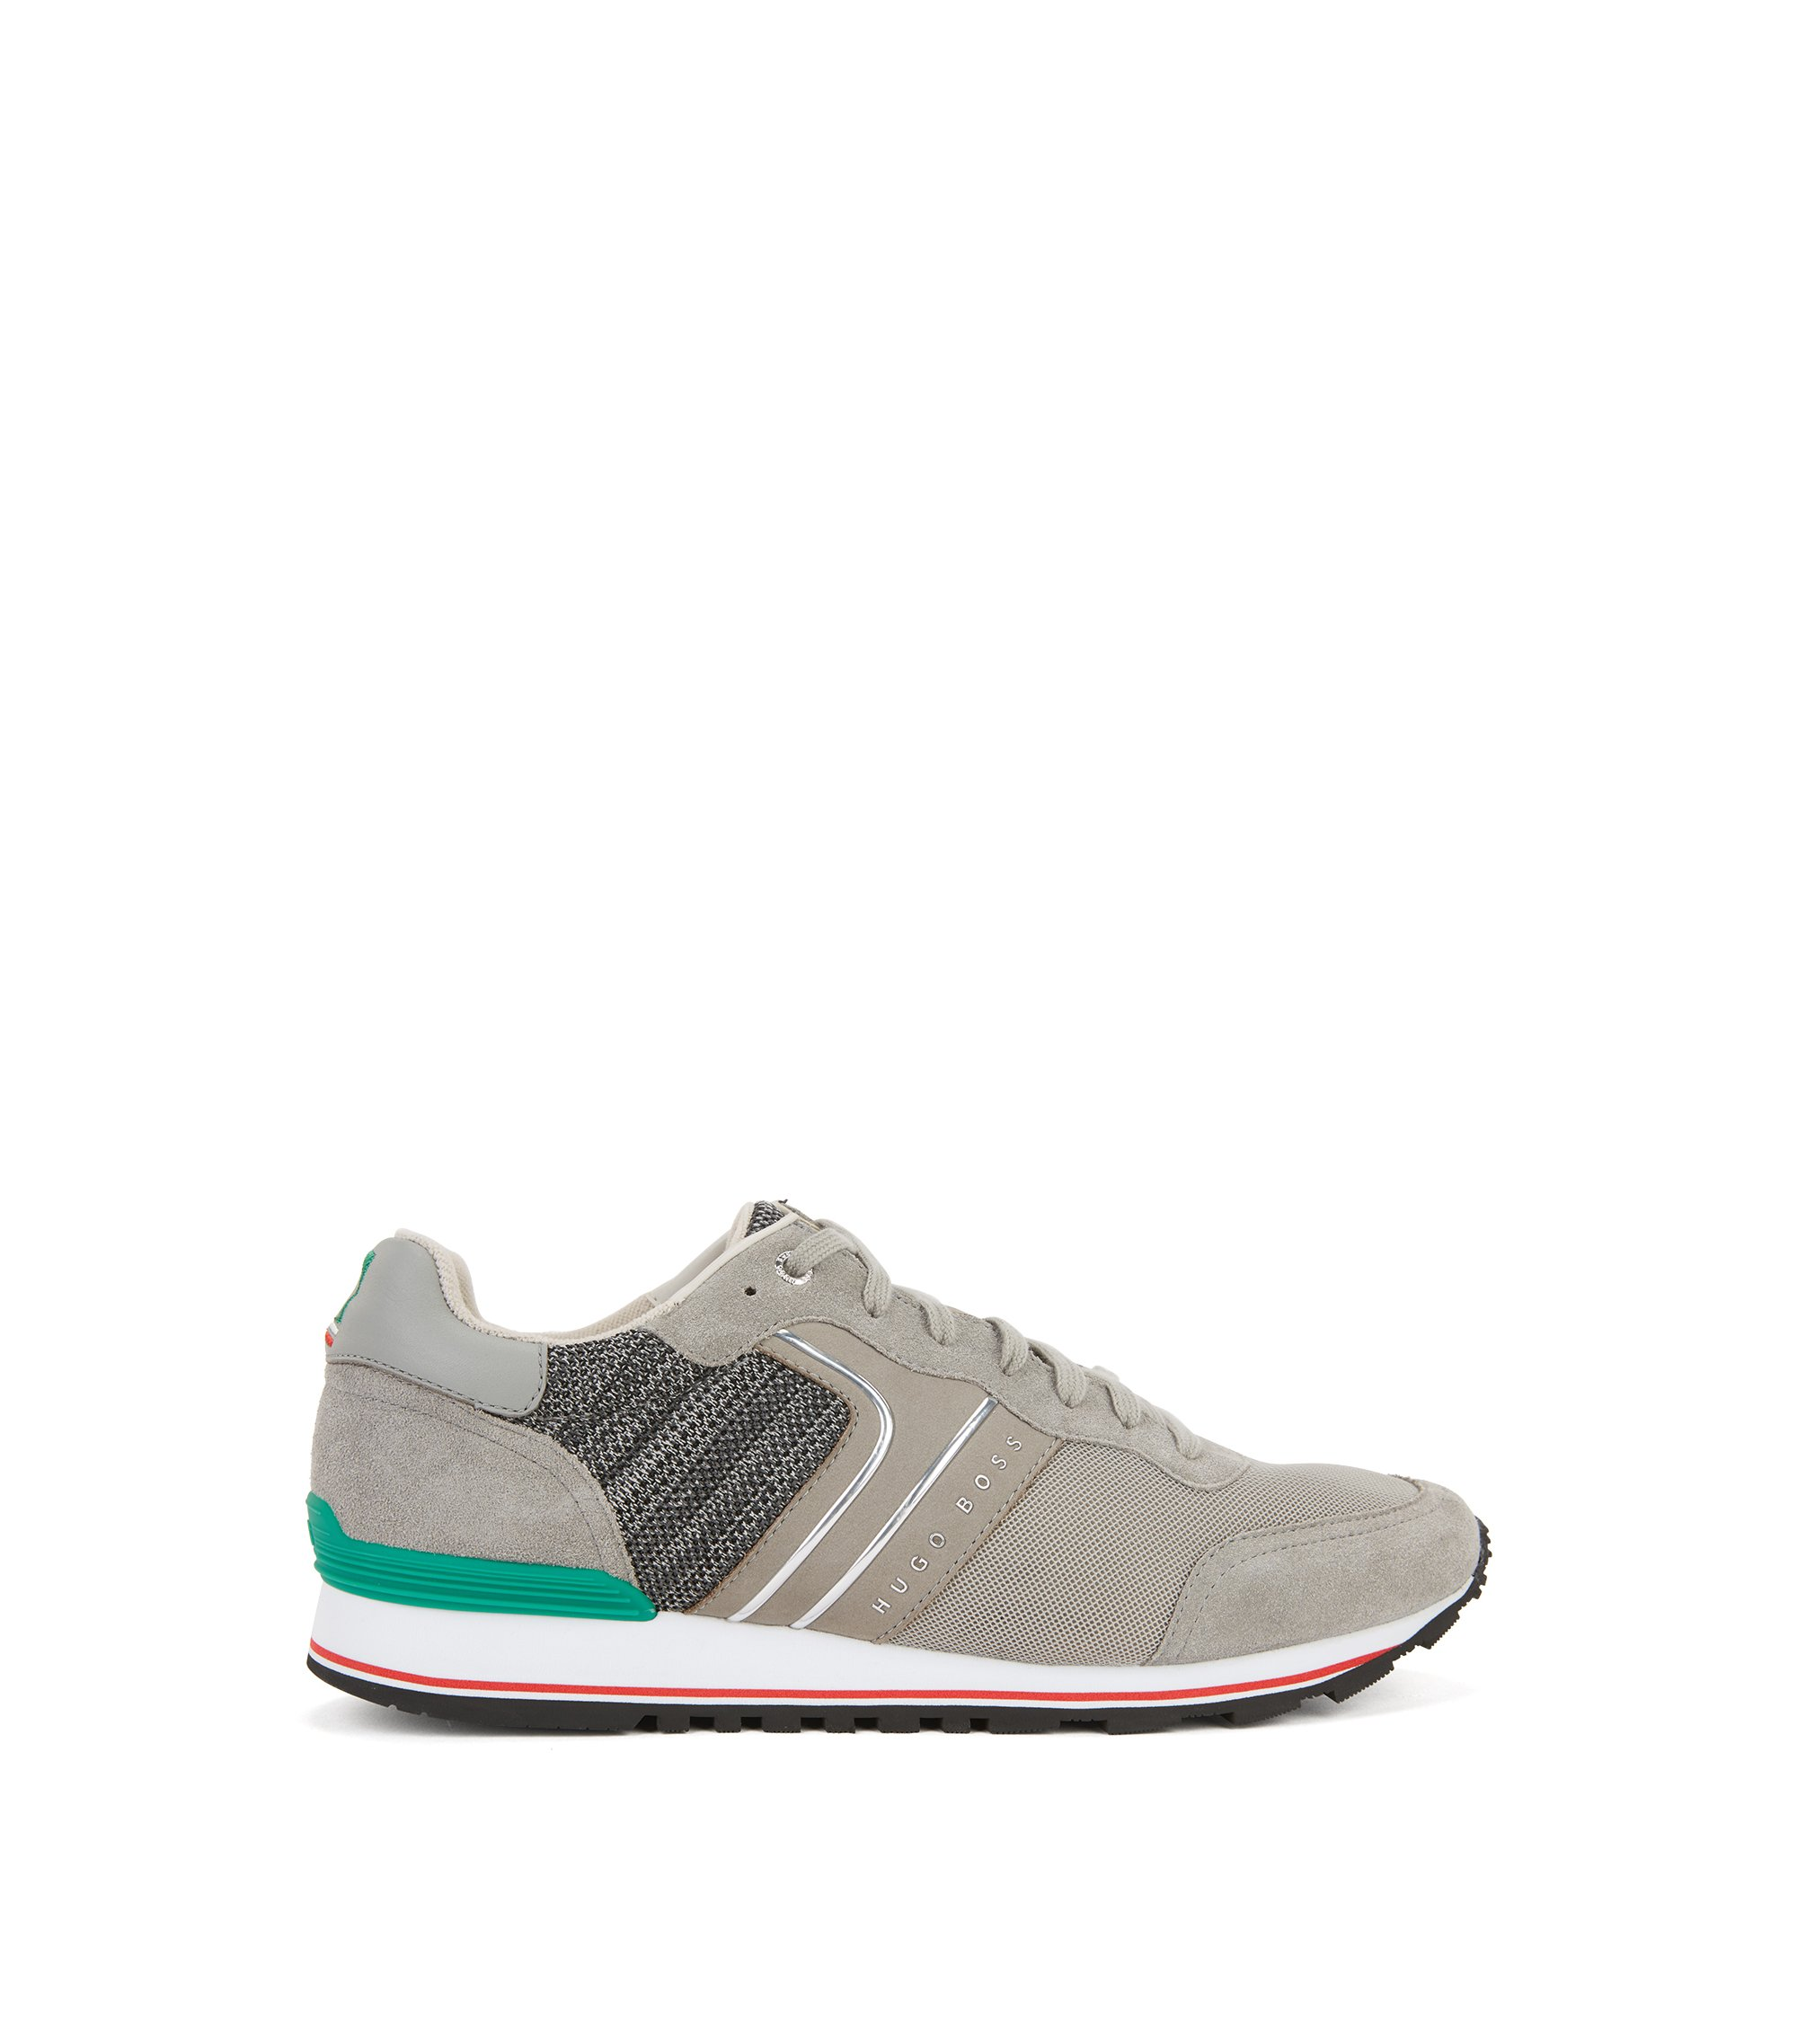 Leichte Sneakers aus Veloursleder, Strick und Mesh in Nationalfarben, Grau